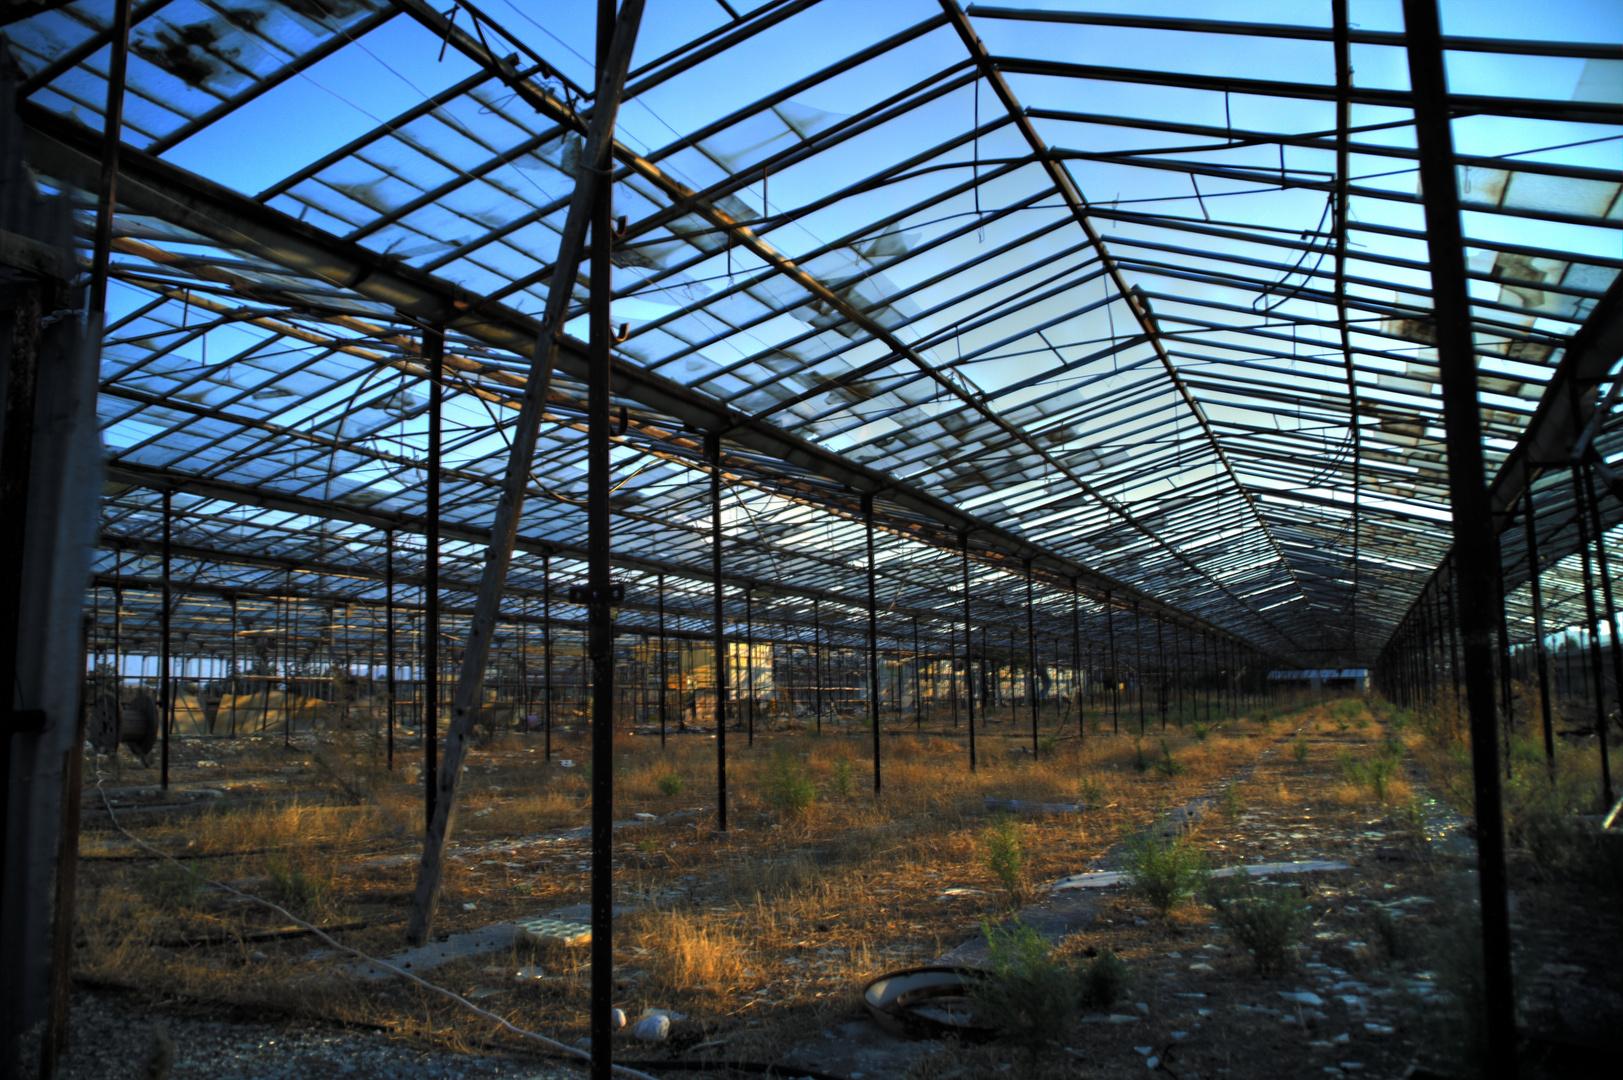 Hdr Aufnahme Altes Gewachshaus Rhodos Foto Bild Architektur